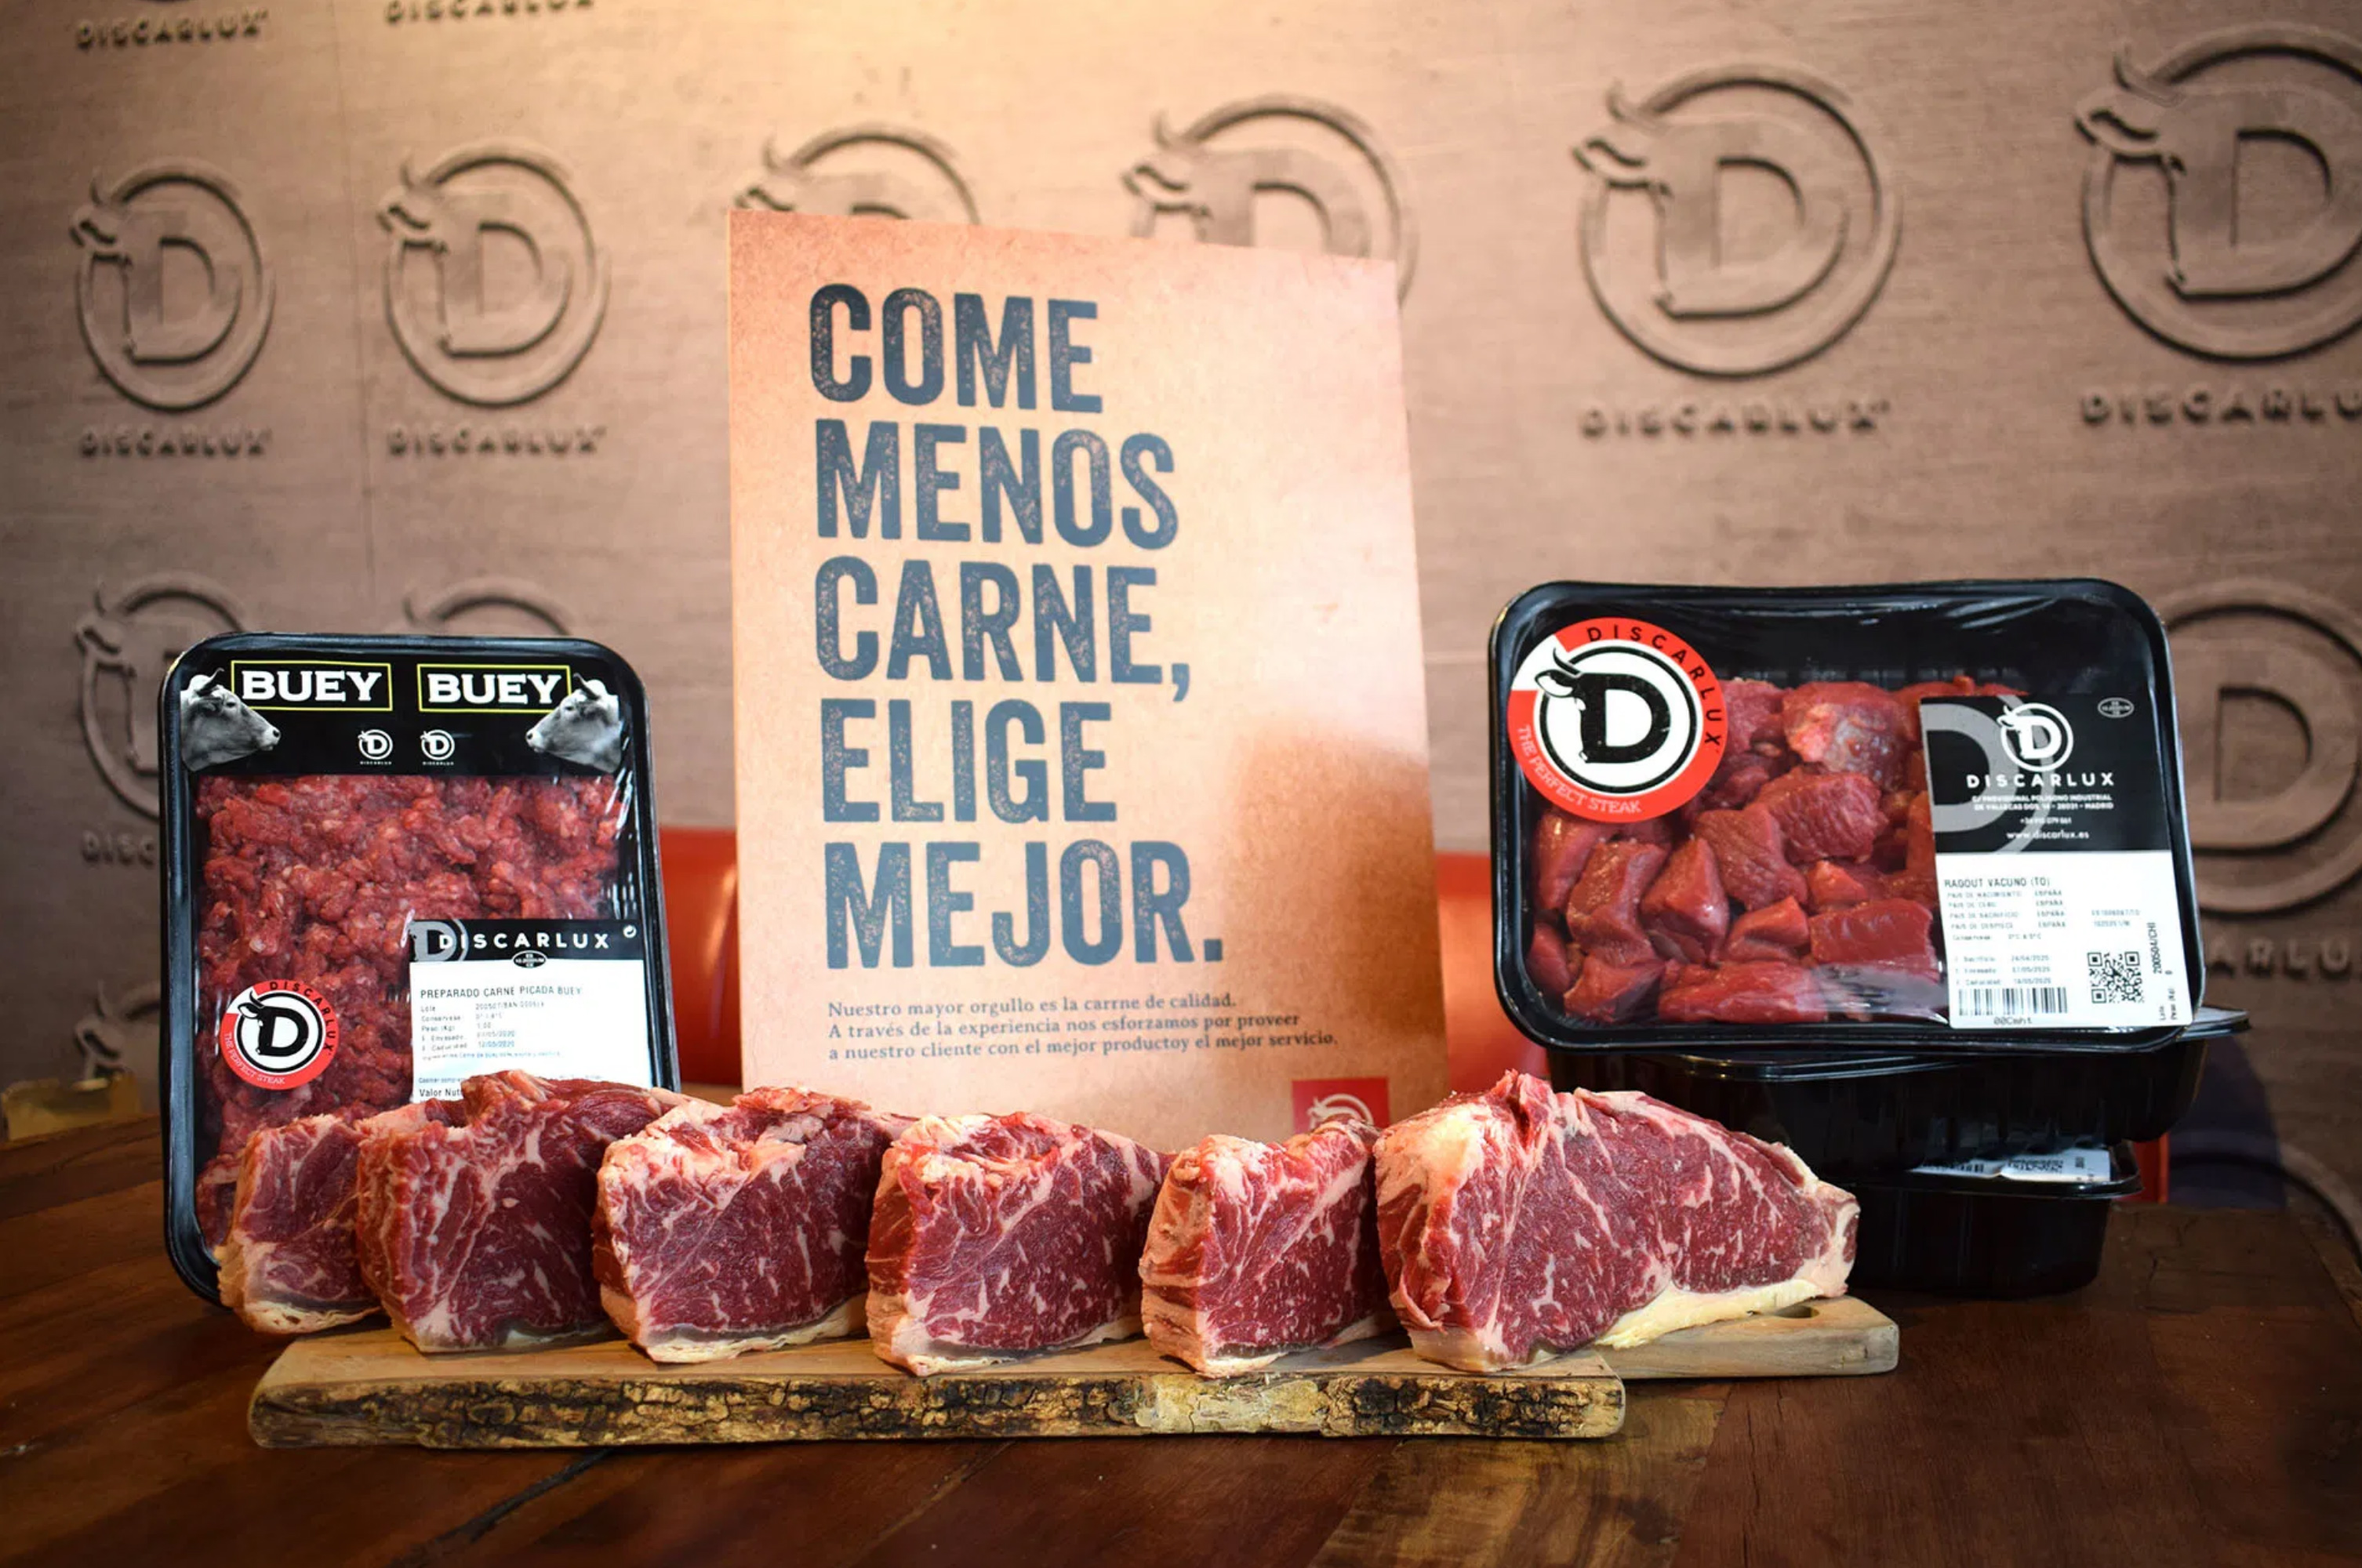 Pack de carne familiar: seis entrecot, carne picada de buey y de vaca, ragout y filetes de añojo